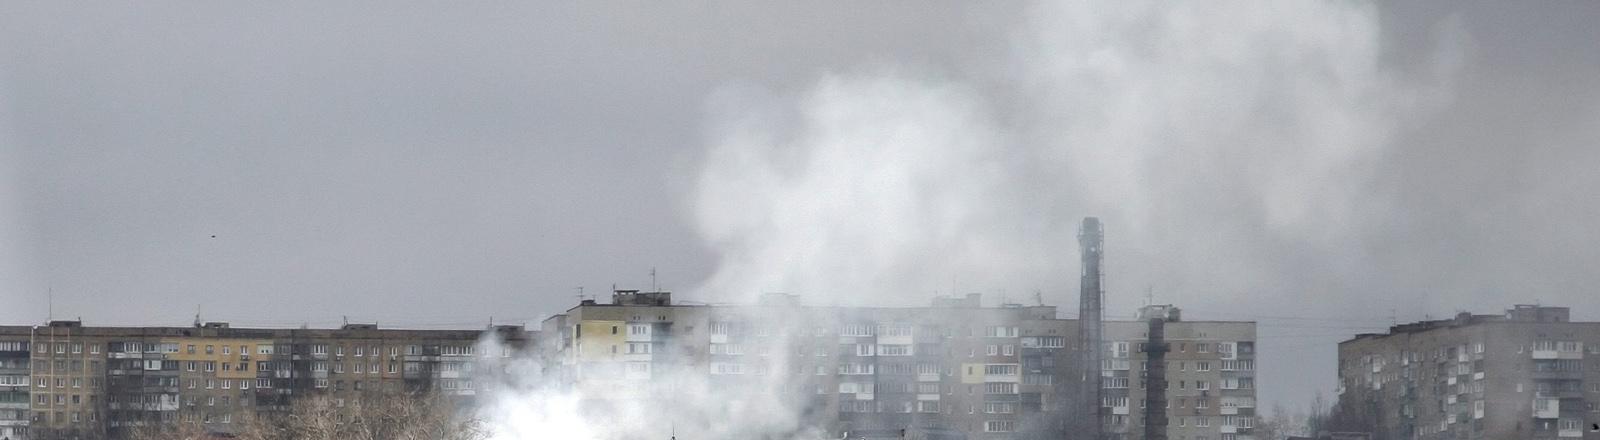 Häuser von Donezk, über denen Rauch aufsteigt.